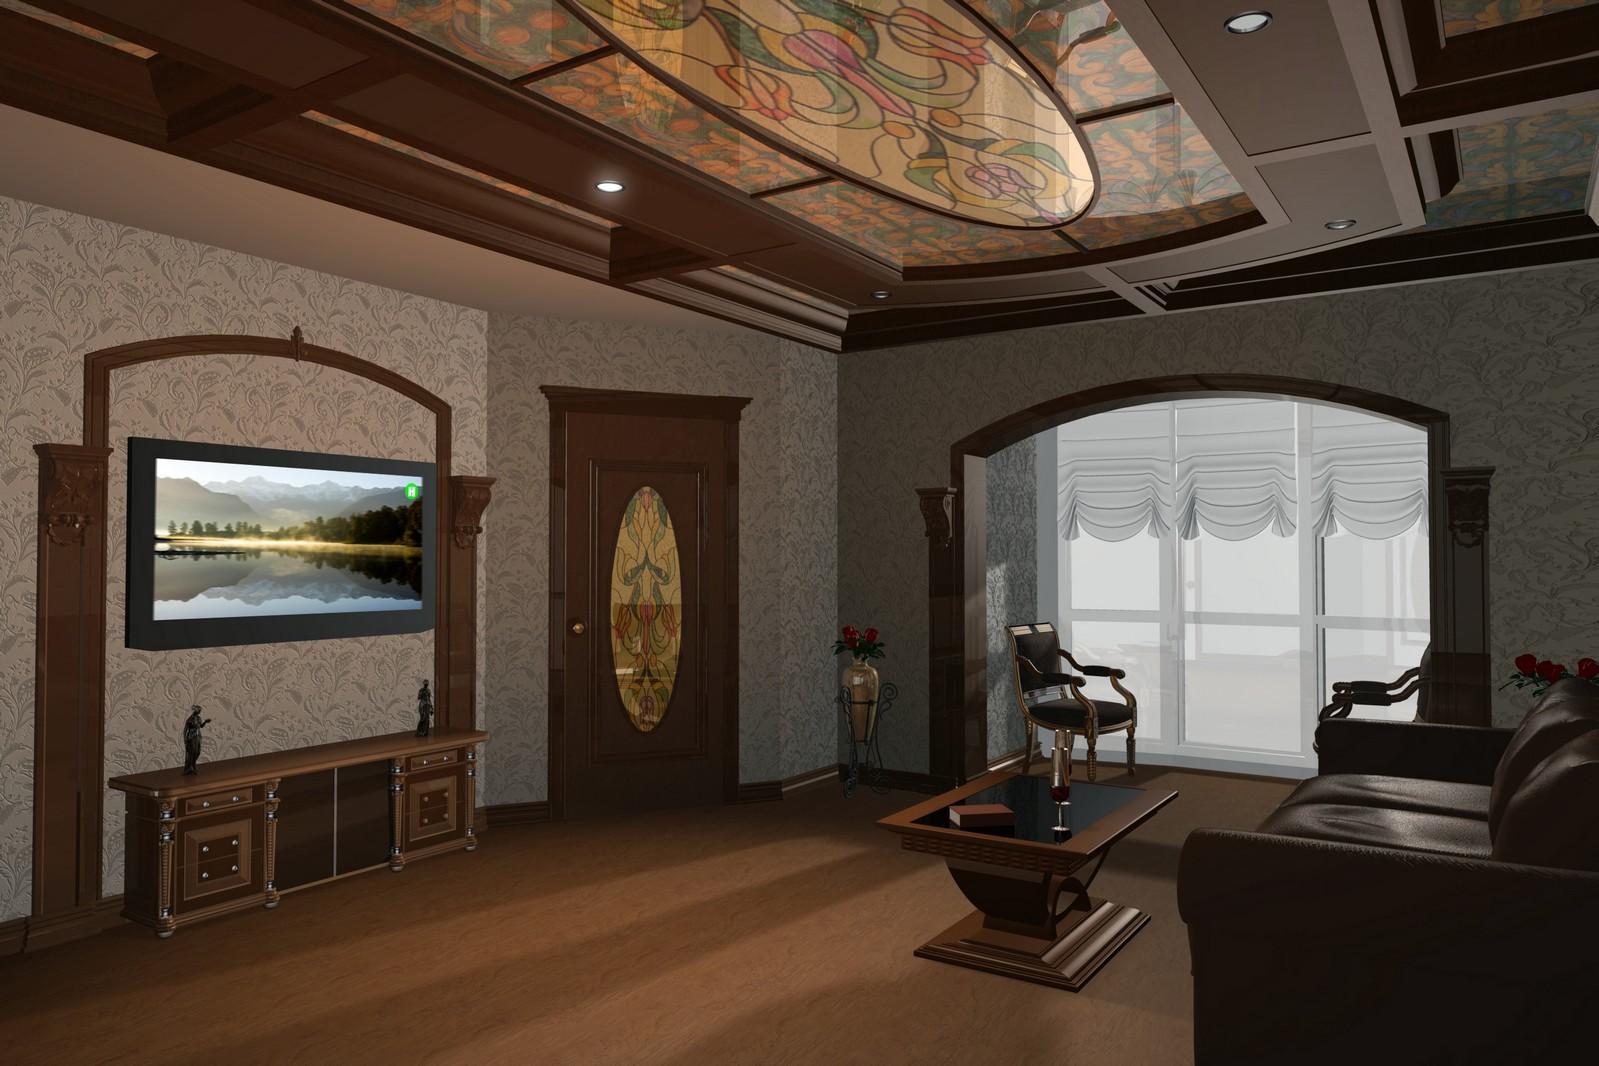 Кабинет с витражом на потолке